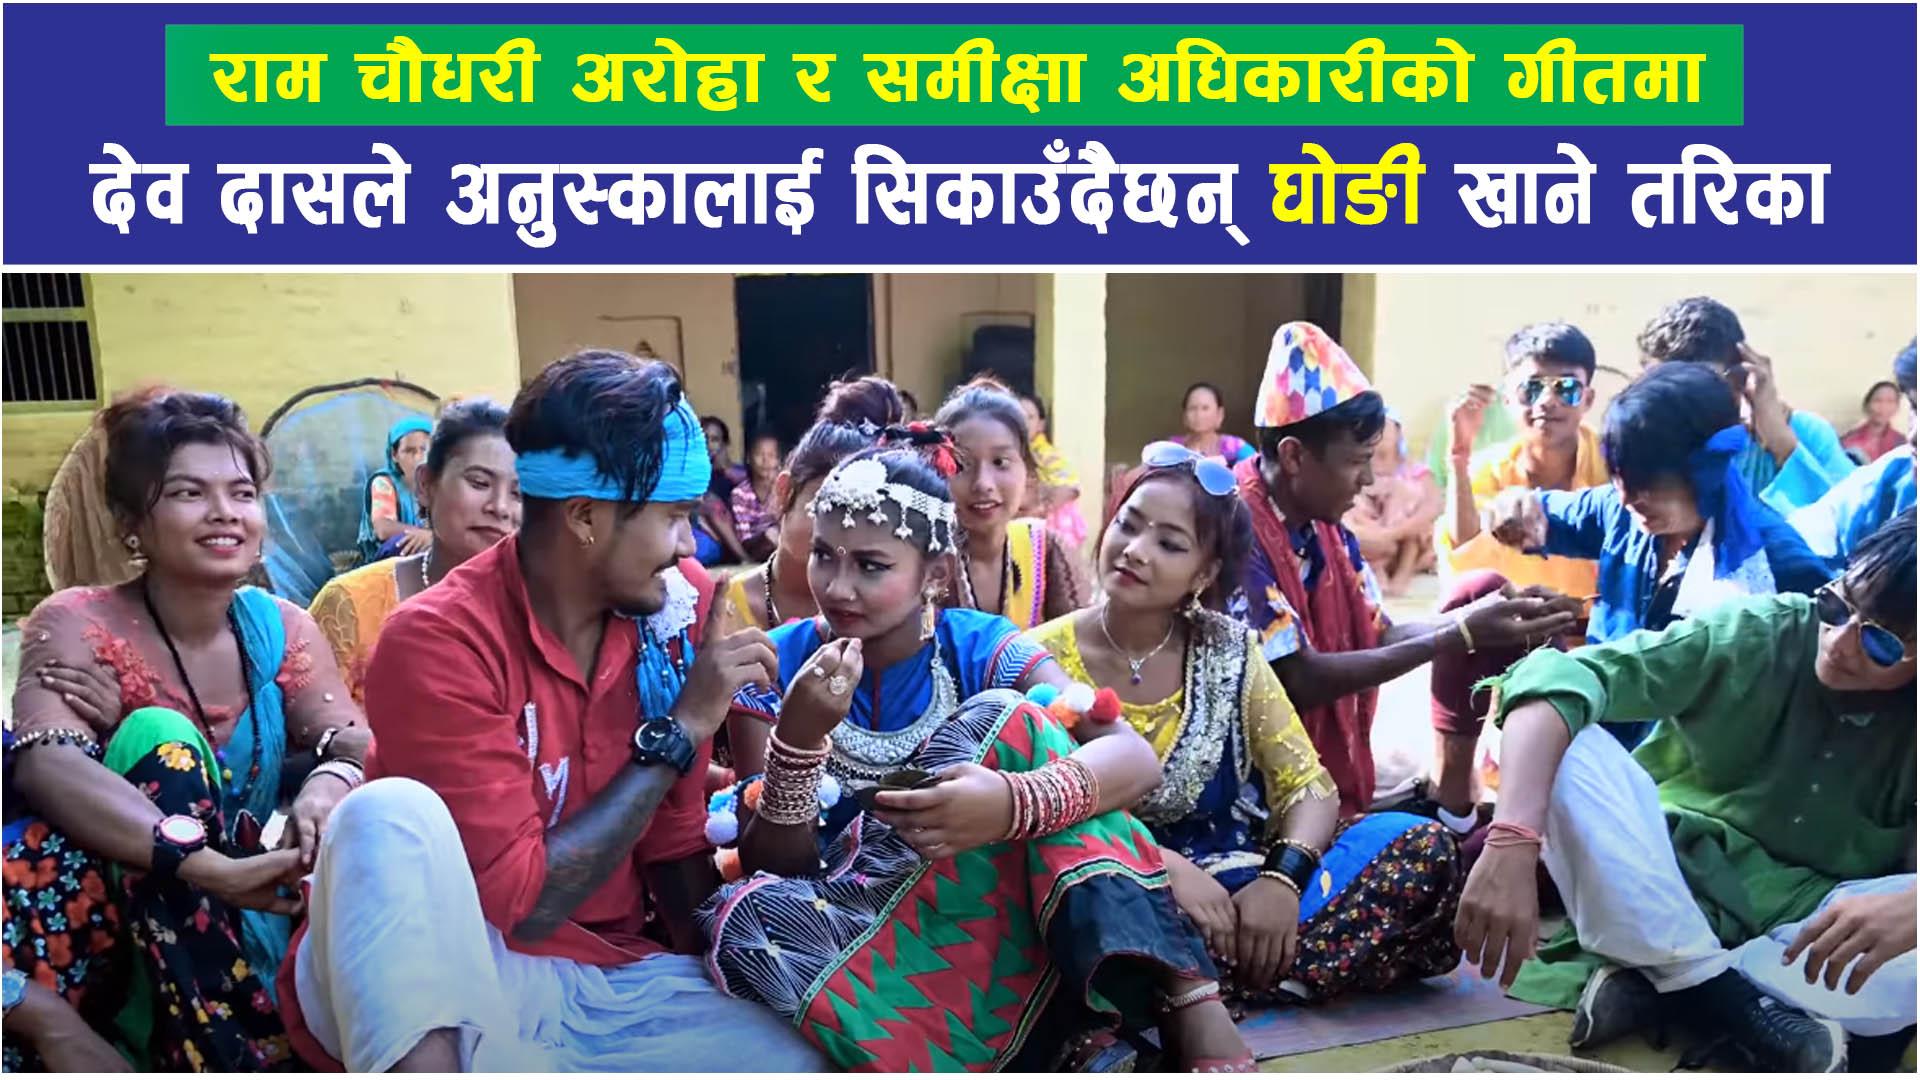 राम अरोहा र समीक्षा अधिकारीको गीतमा देवदाससँग अनुस्का सिक्दैछन् घोङी खाने तरिका